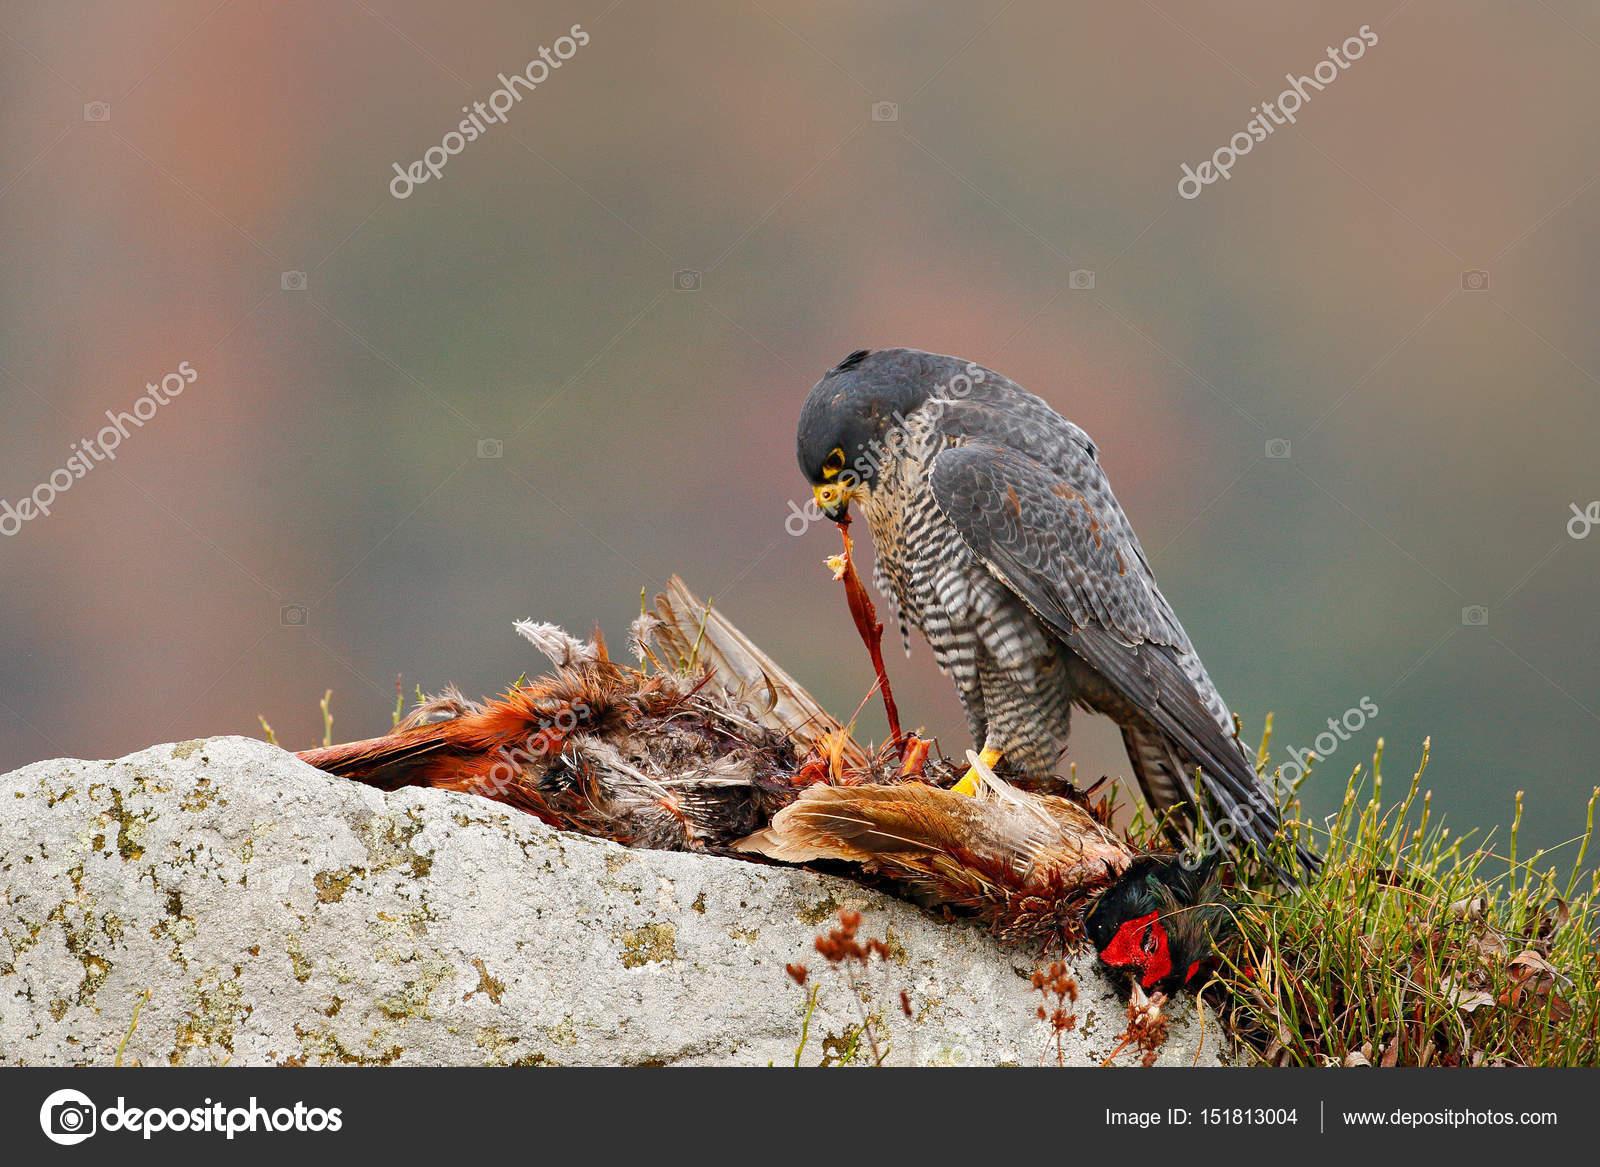 ave de caça falcão peregrino stock photo ondrejprosicky 151813004